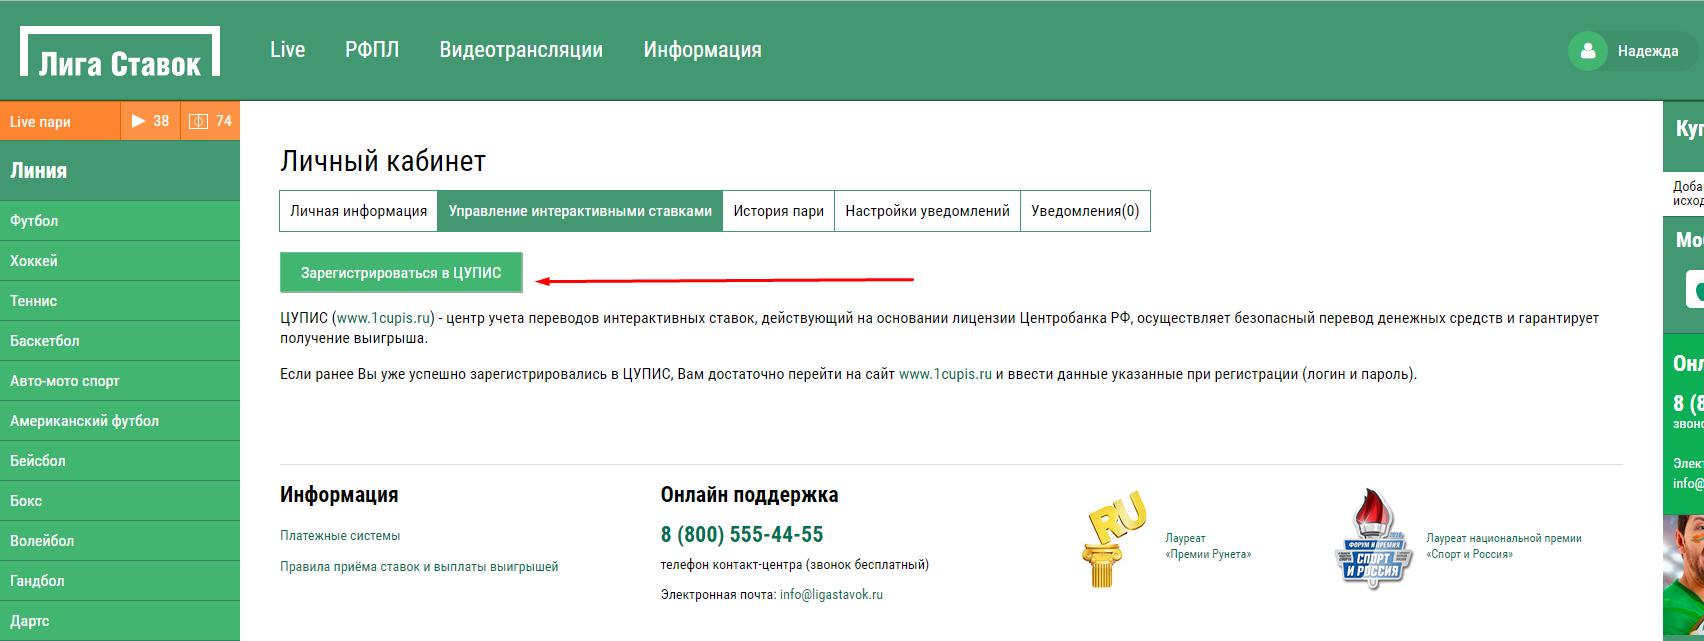 Регистрация в ЦУПИС для Лиги Ставок шаг 2